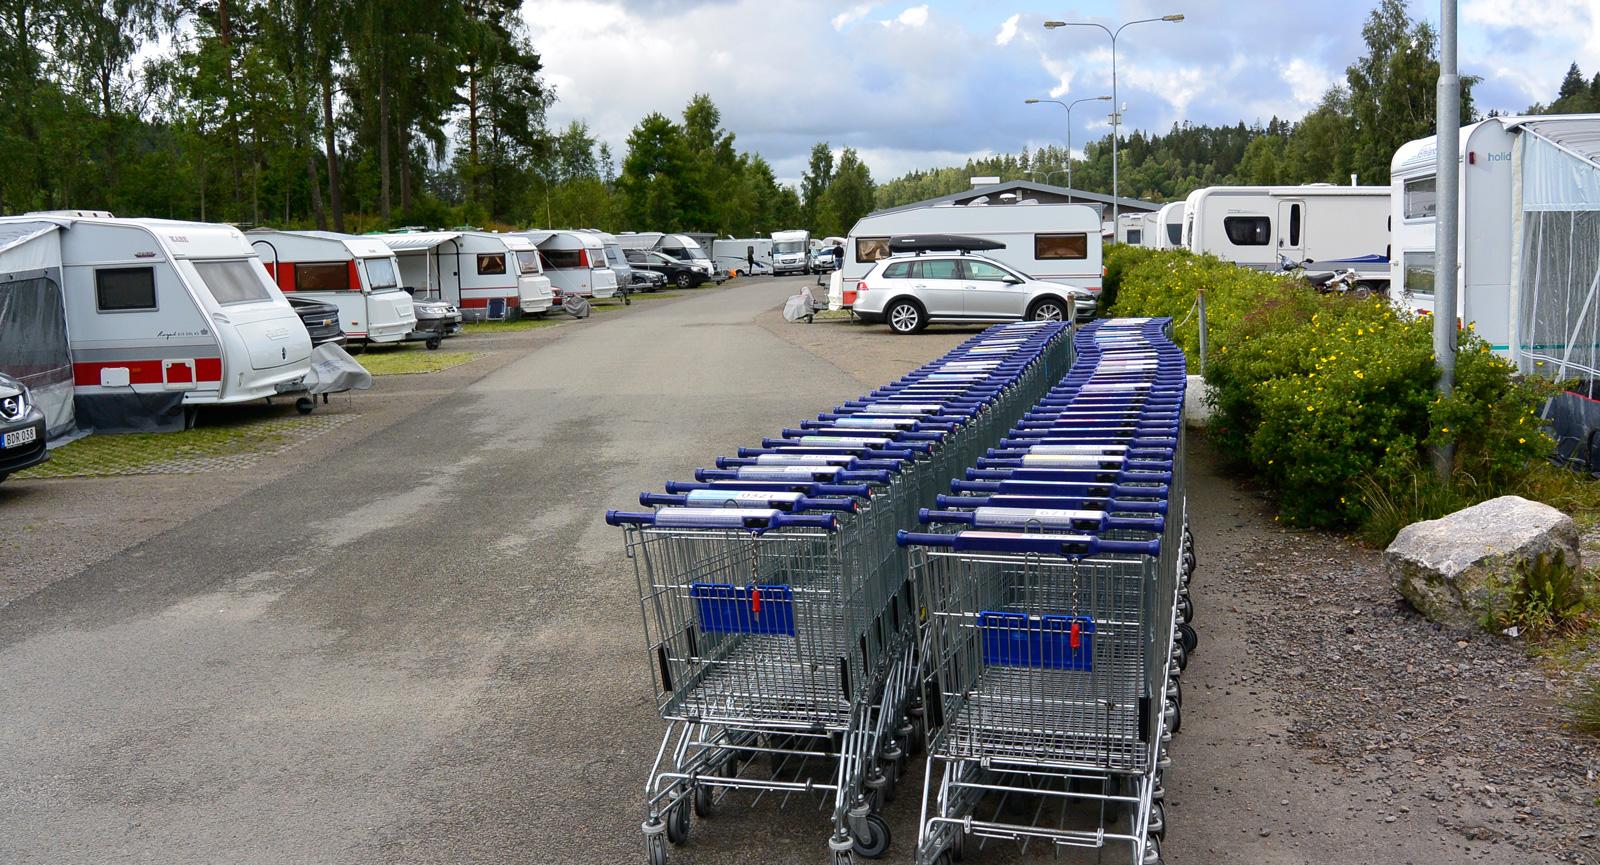 Många gillar att åka till shoppingområden med sin husbil. Stora parkeringar underlättar. På Gekås Ullared finns både camping och ställplats.